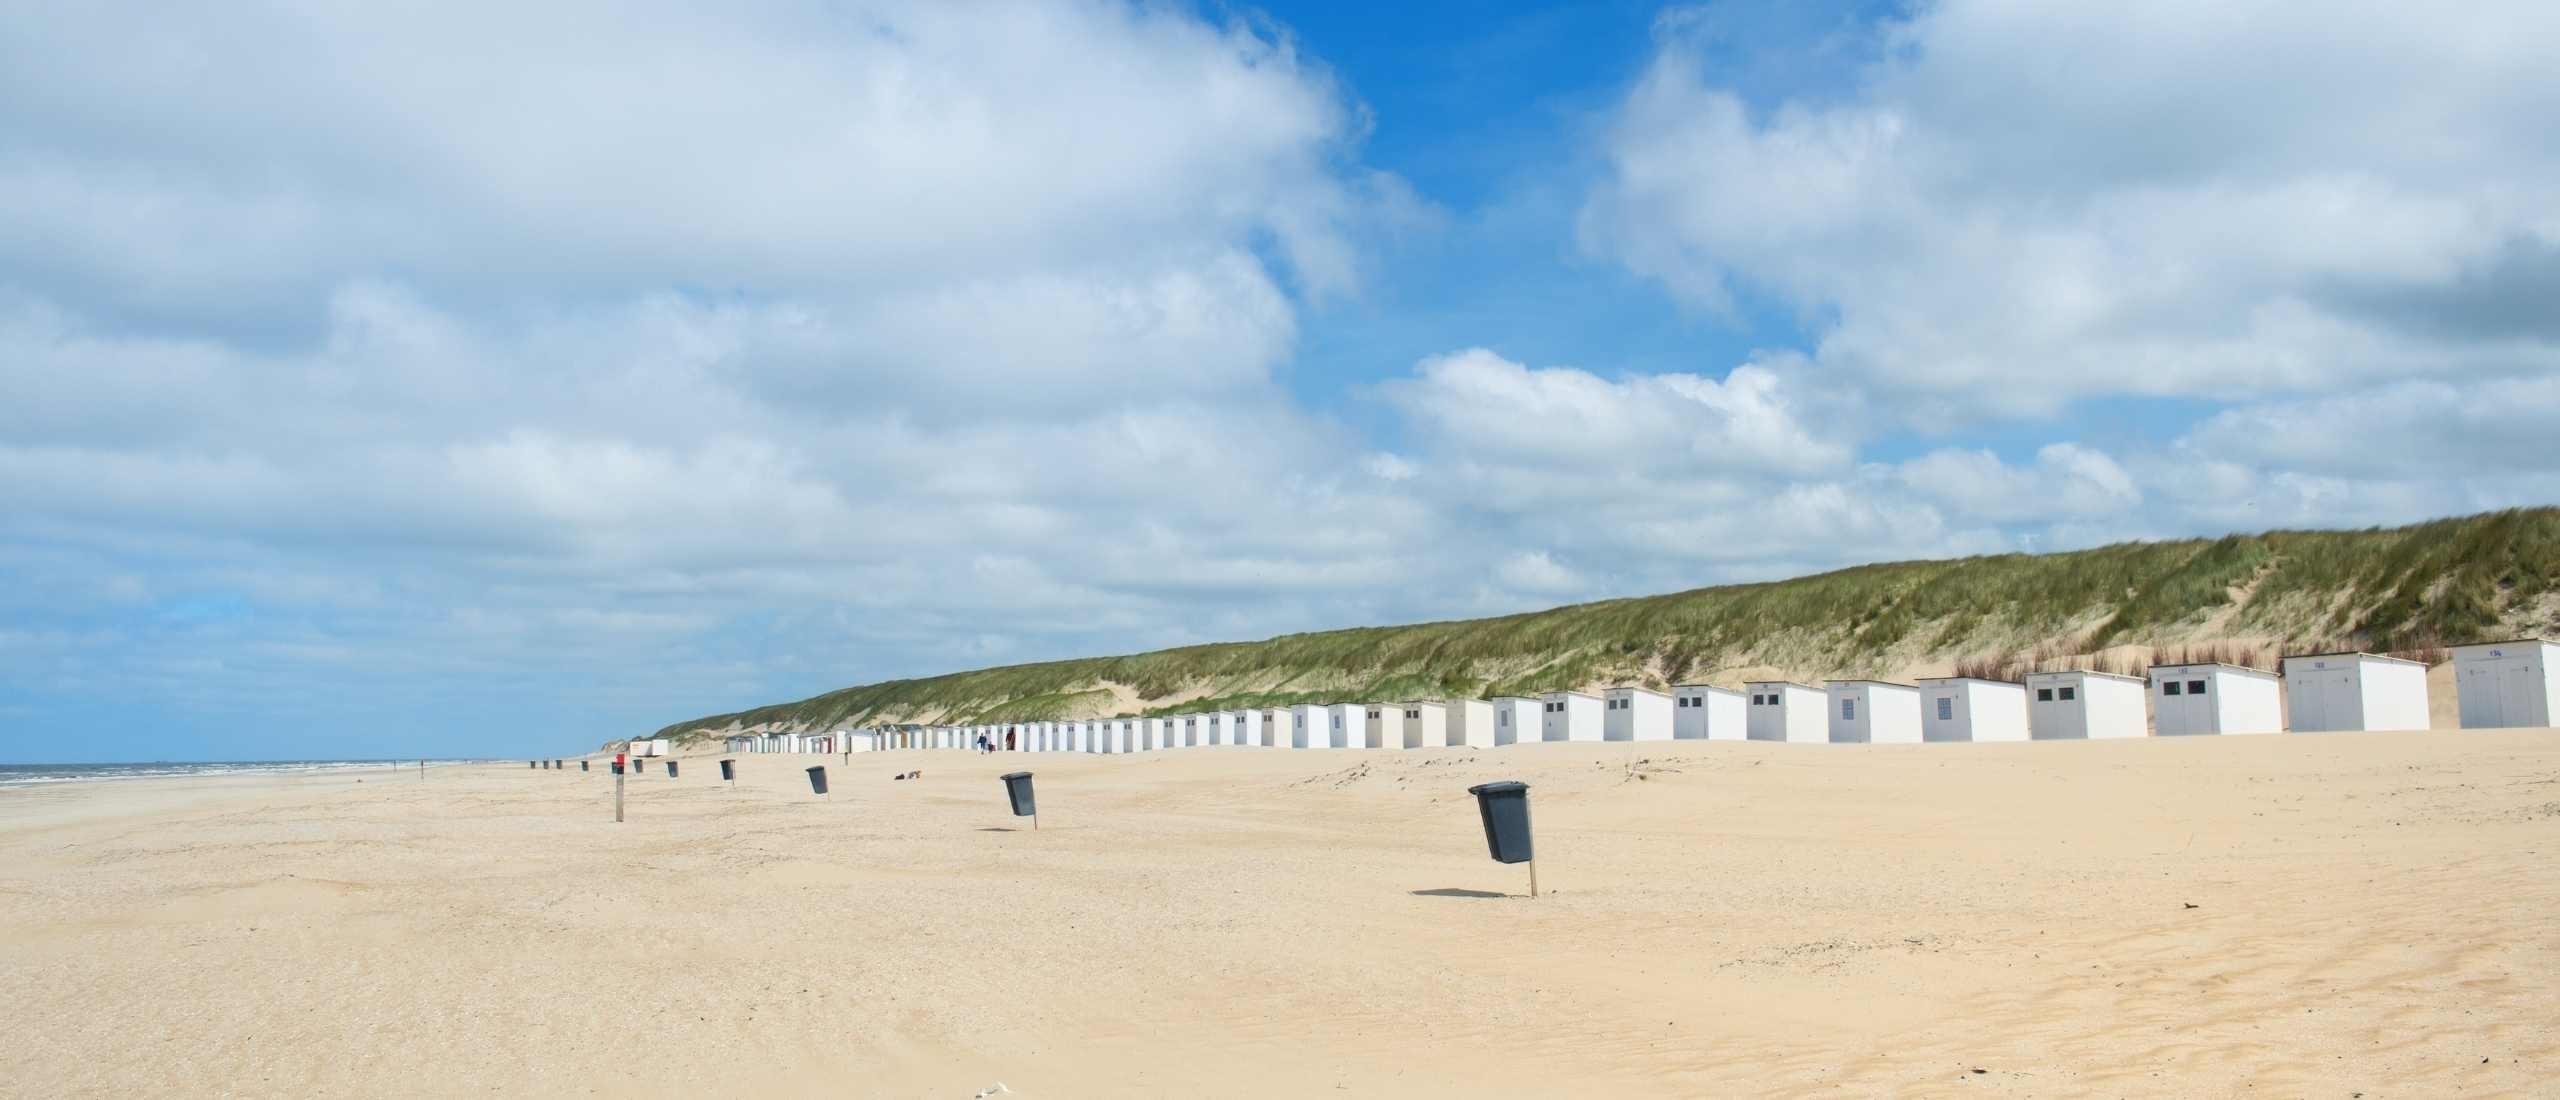 Wat te doen op Texel in de zomer?